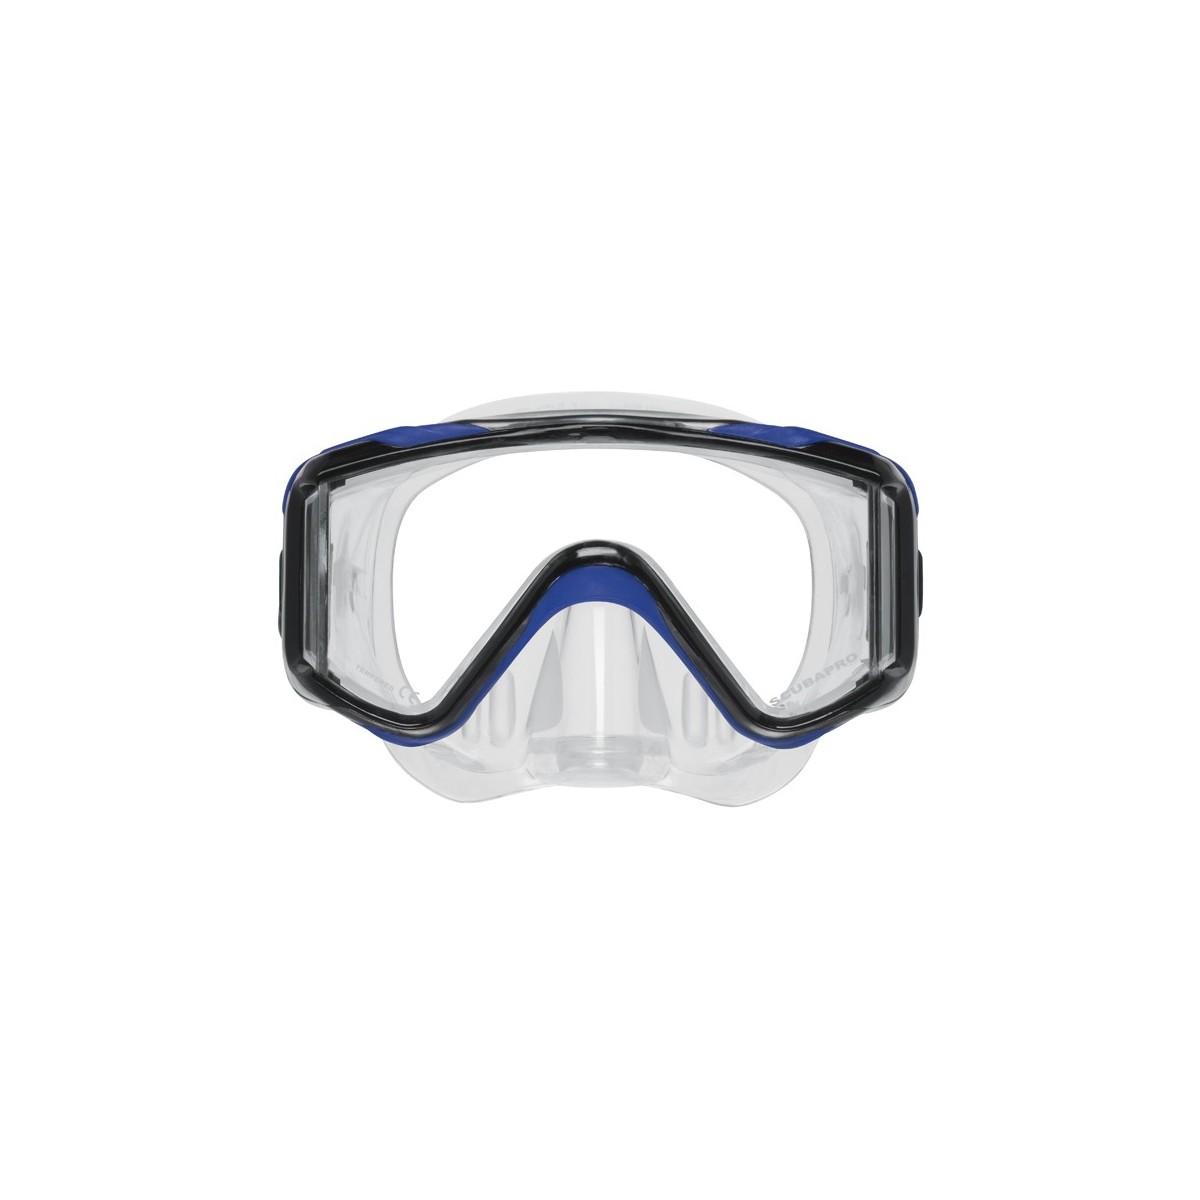 Scubapro Crystal VU Plus Dive Mask With Purge